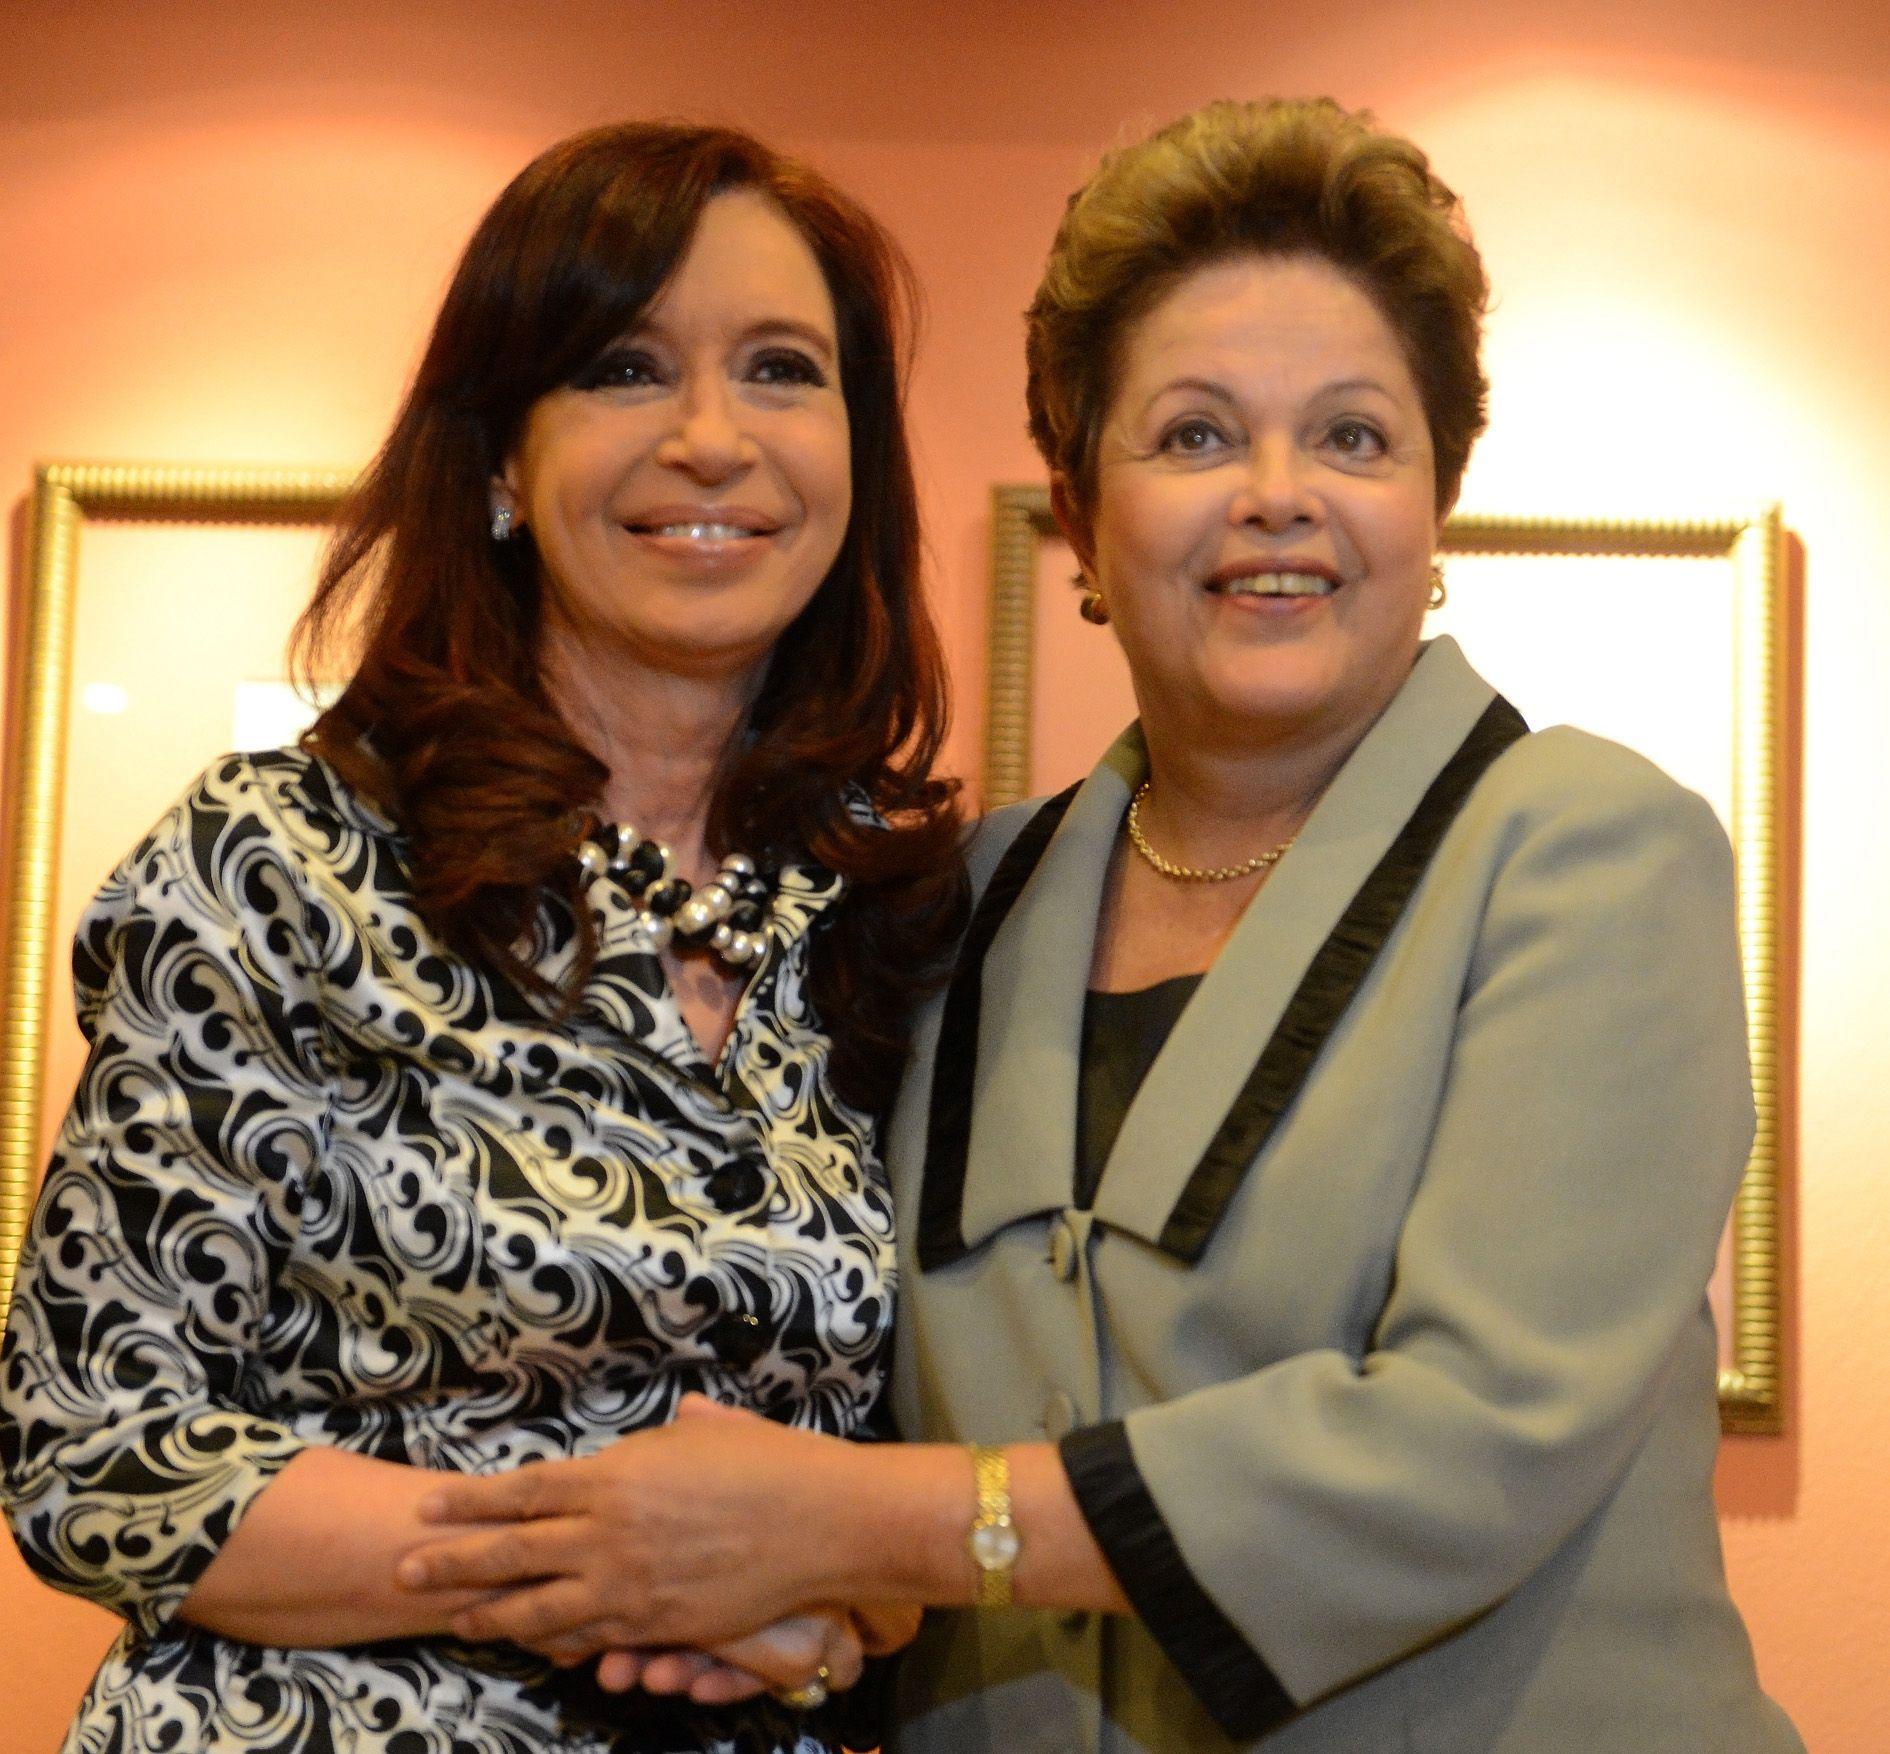 Cristina y su par brasileña Dilma Rousseff se reunieron en la tarde de ayer en un encuentro pedido por la Argentina.